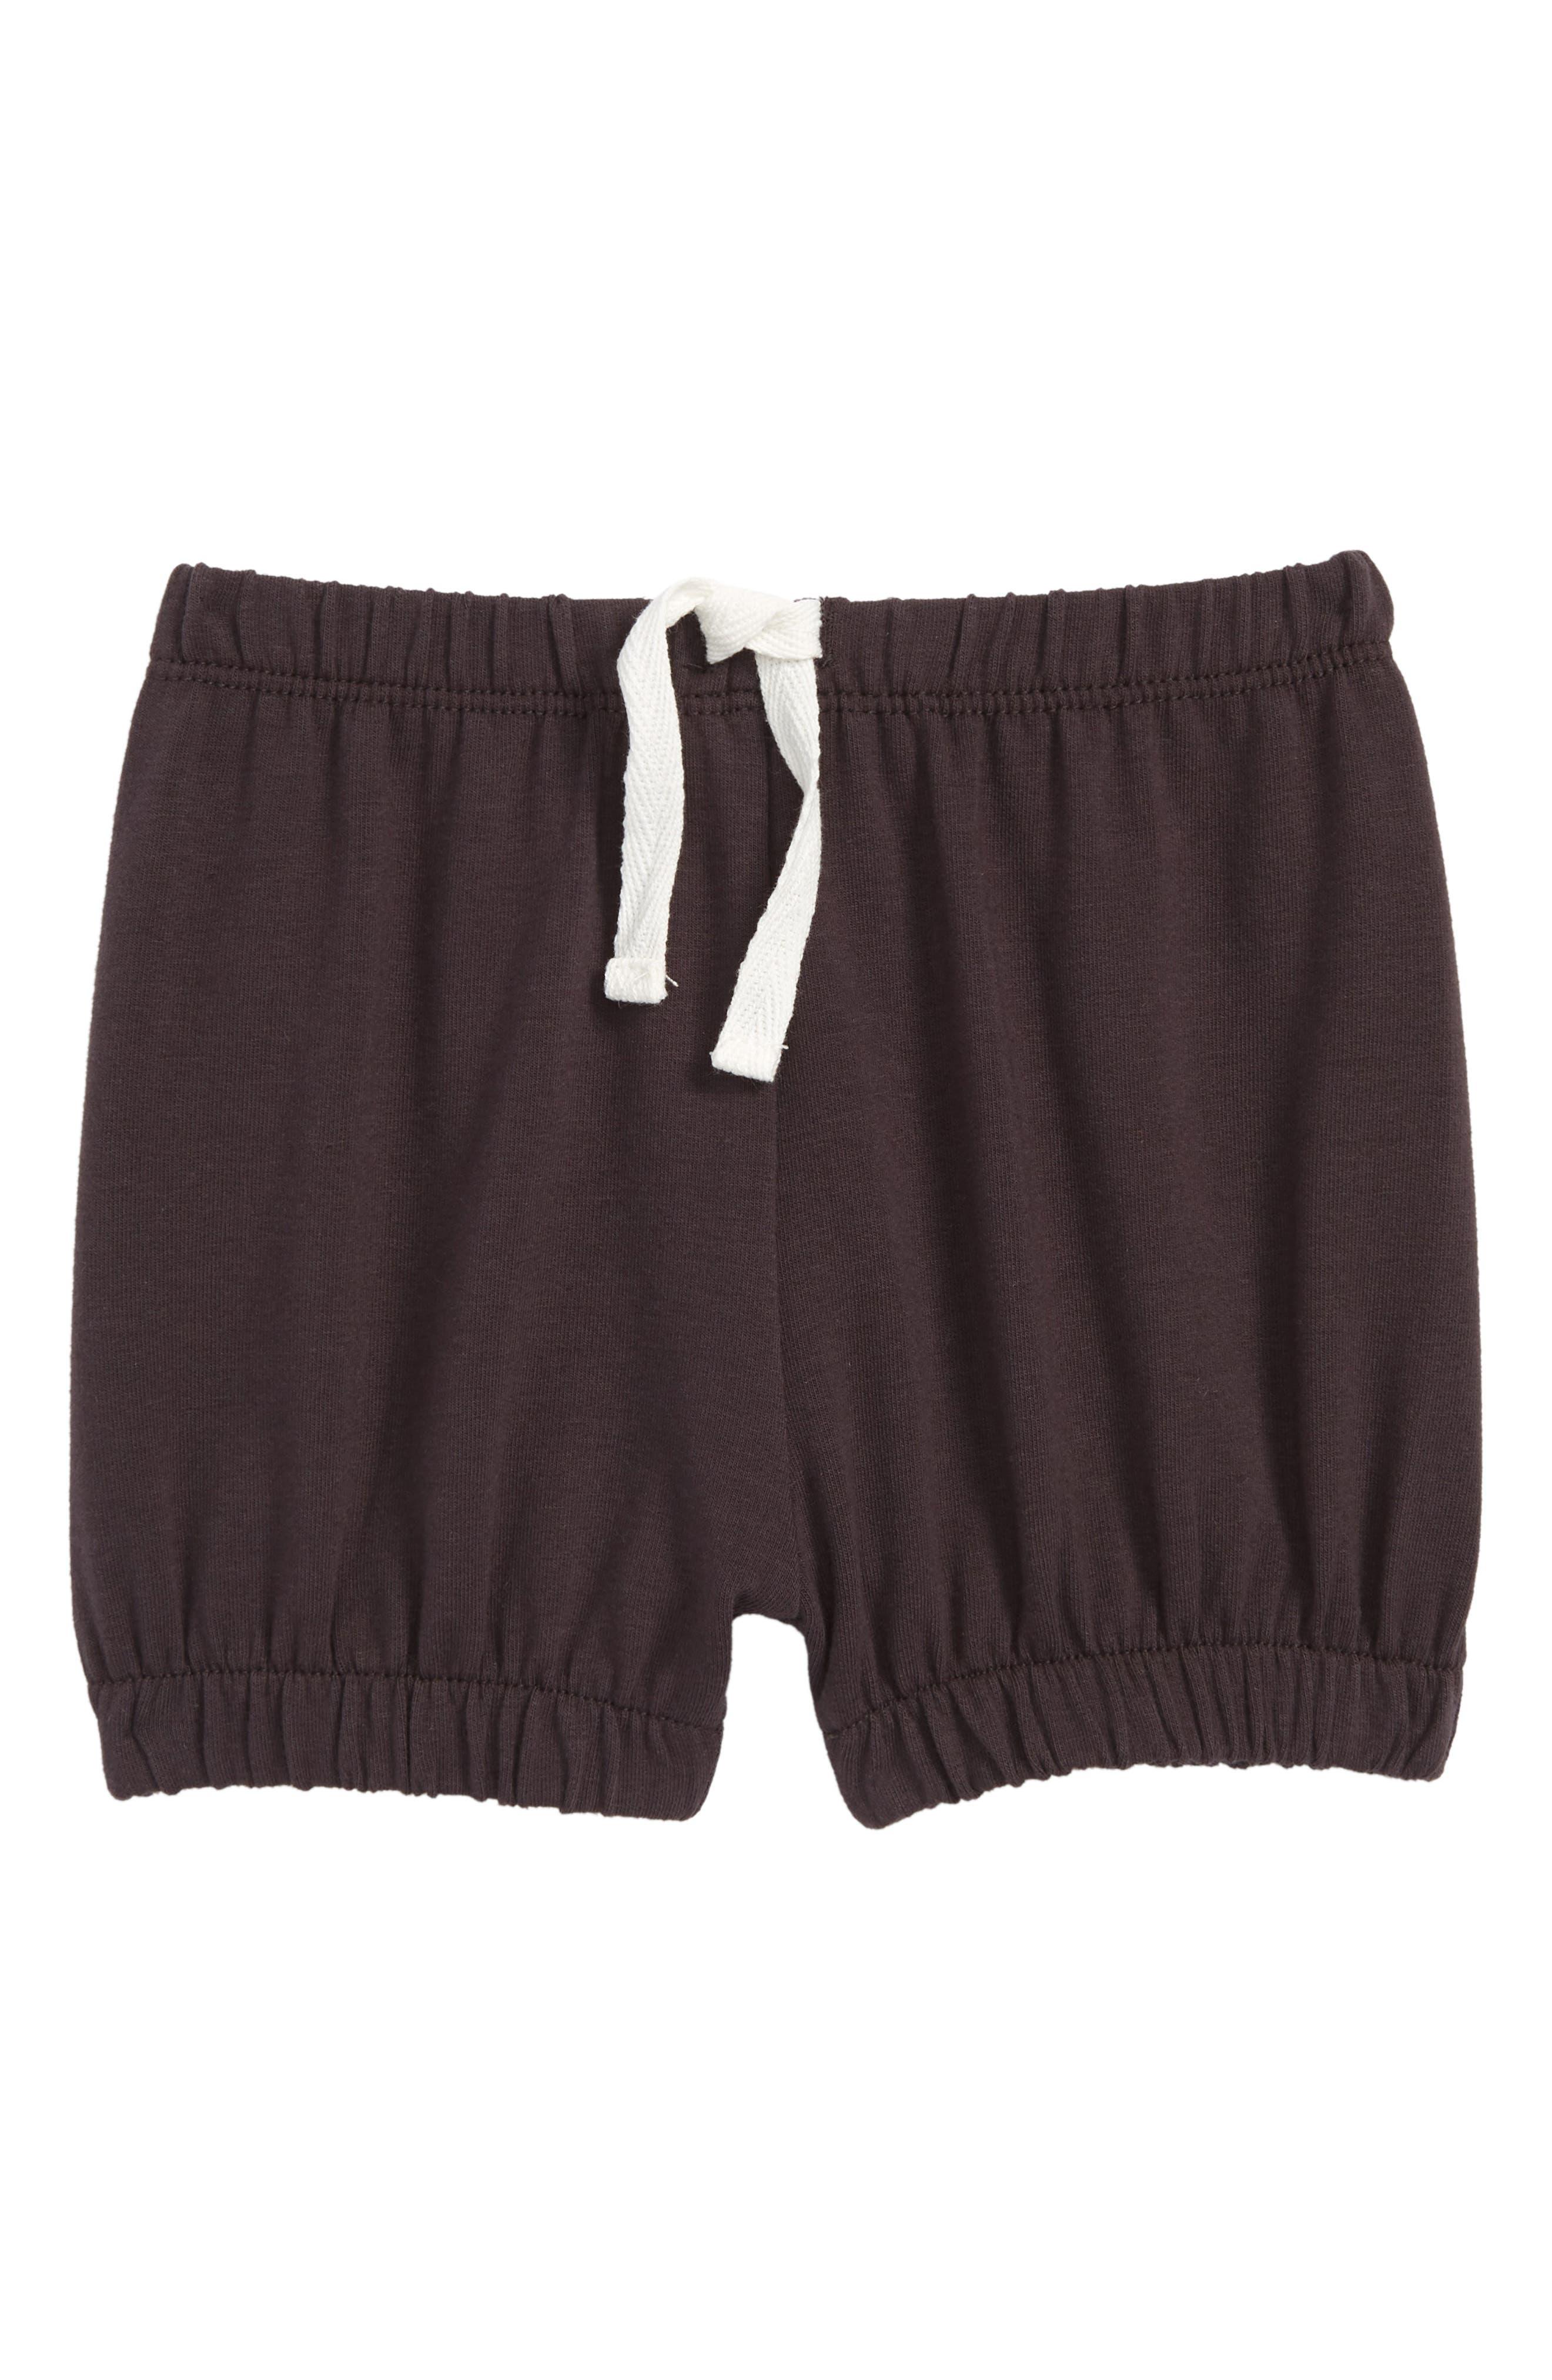 Knit Shorts,                         Main,                         color, 021